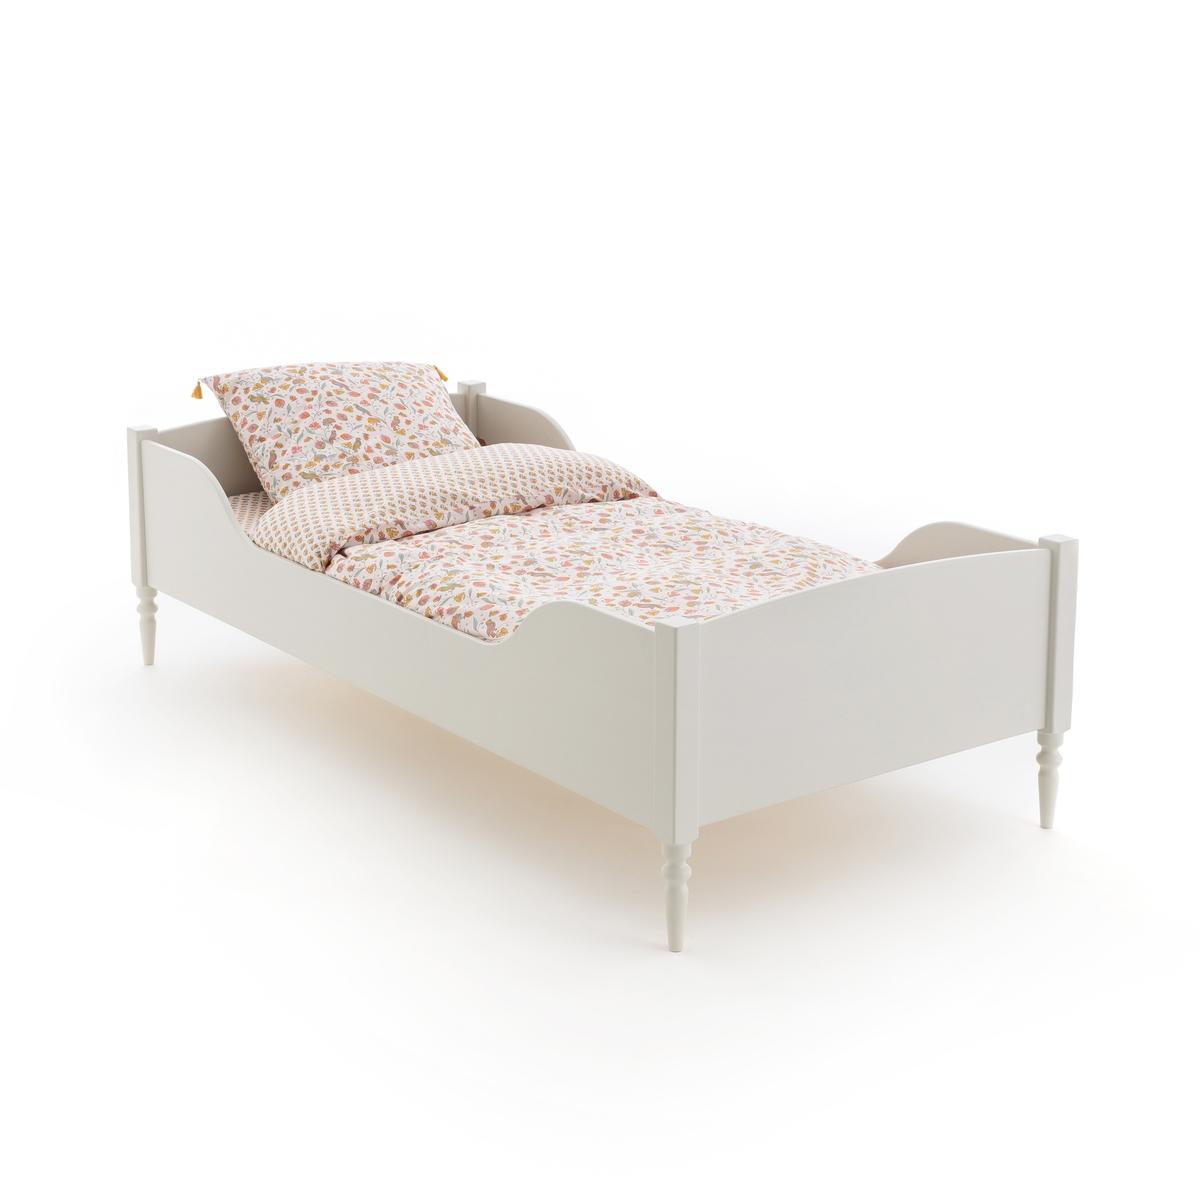 Кровать LaRedoute Детская с сеткой CLA 90 x 190 см бежевый